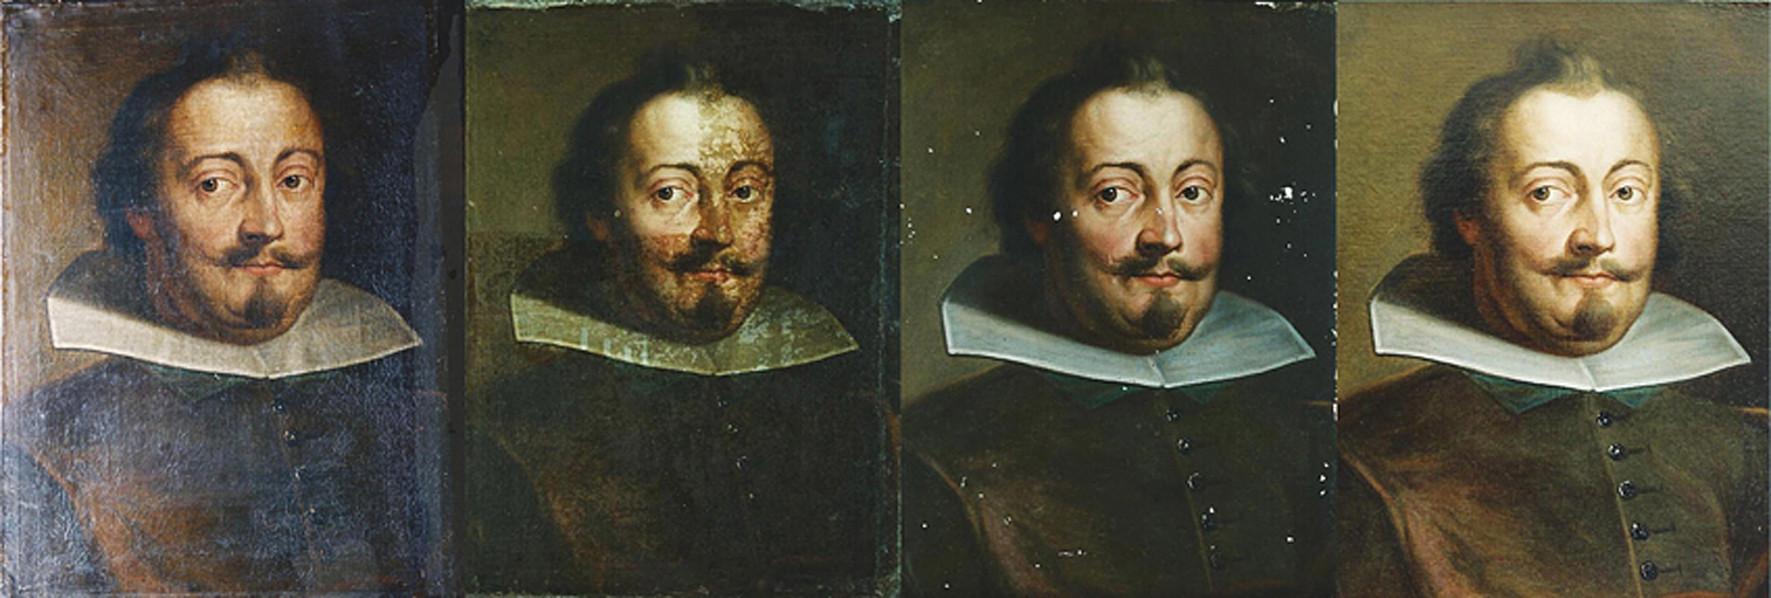 Portrét šlechtice 18. století: 1. stav před restaurováním, 2. postupné snímání ztmavlých laků, 3. stav po vytmelení defektů v barevné vrstvě, 4. závěrečný stav po retuši a zalakování obrazu.